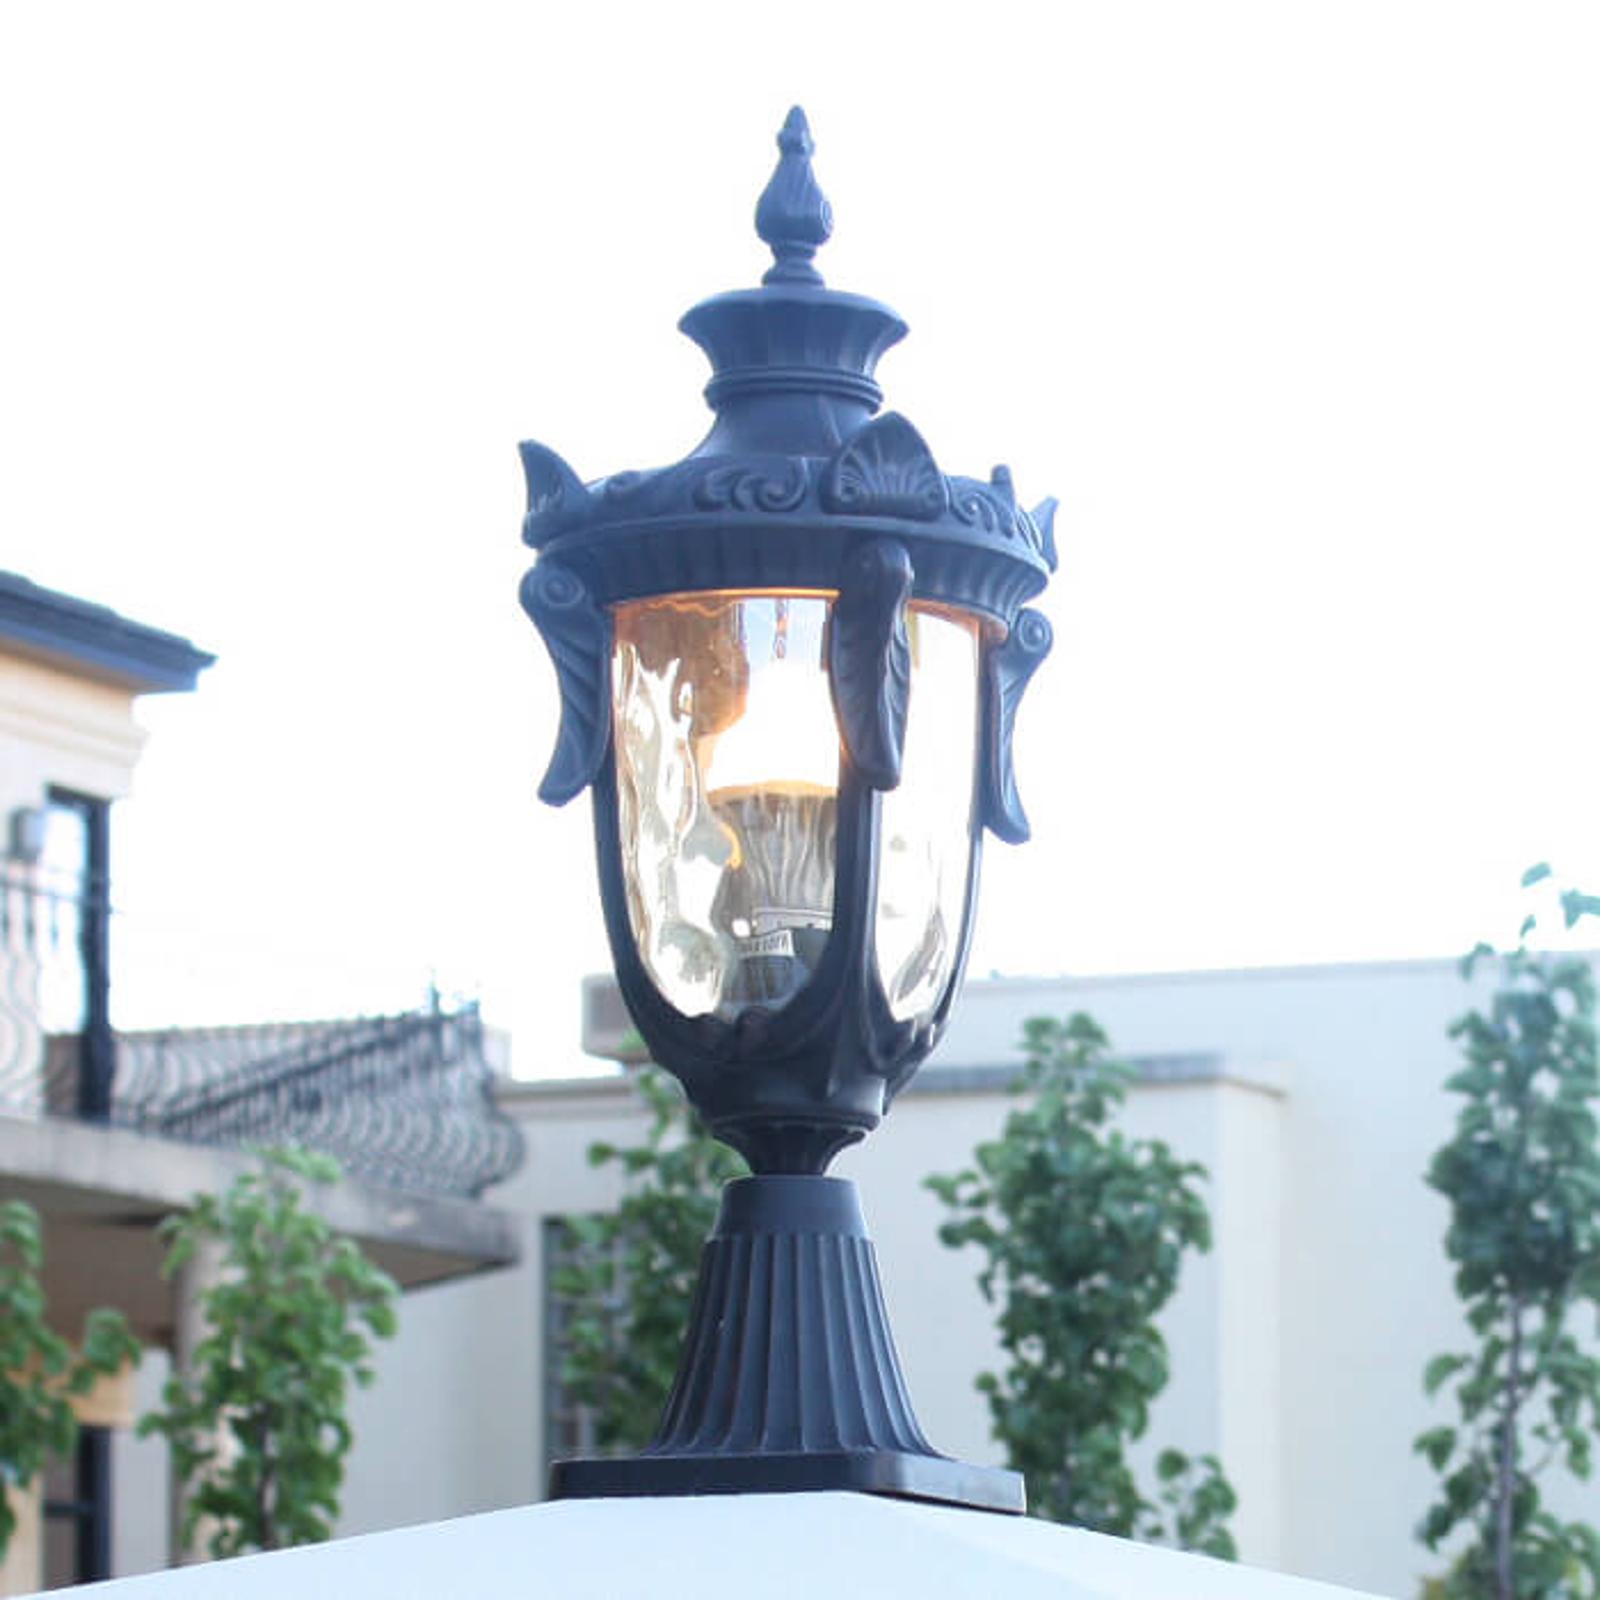 Soklové světlo Philadelphia v historickém designu